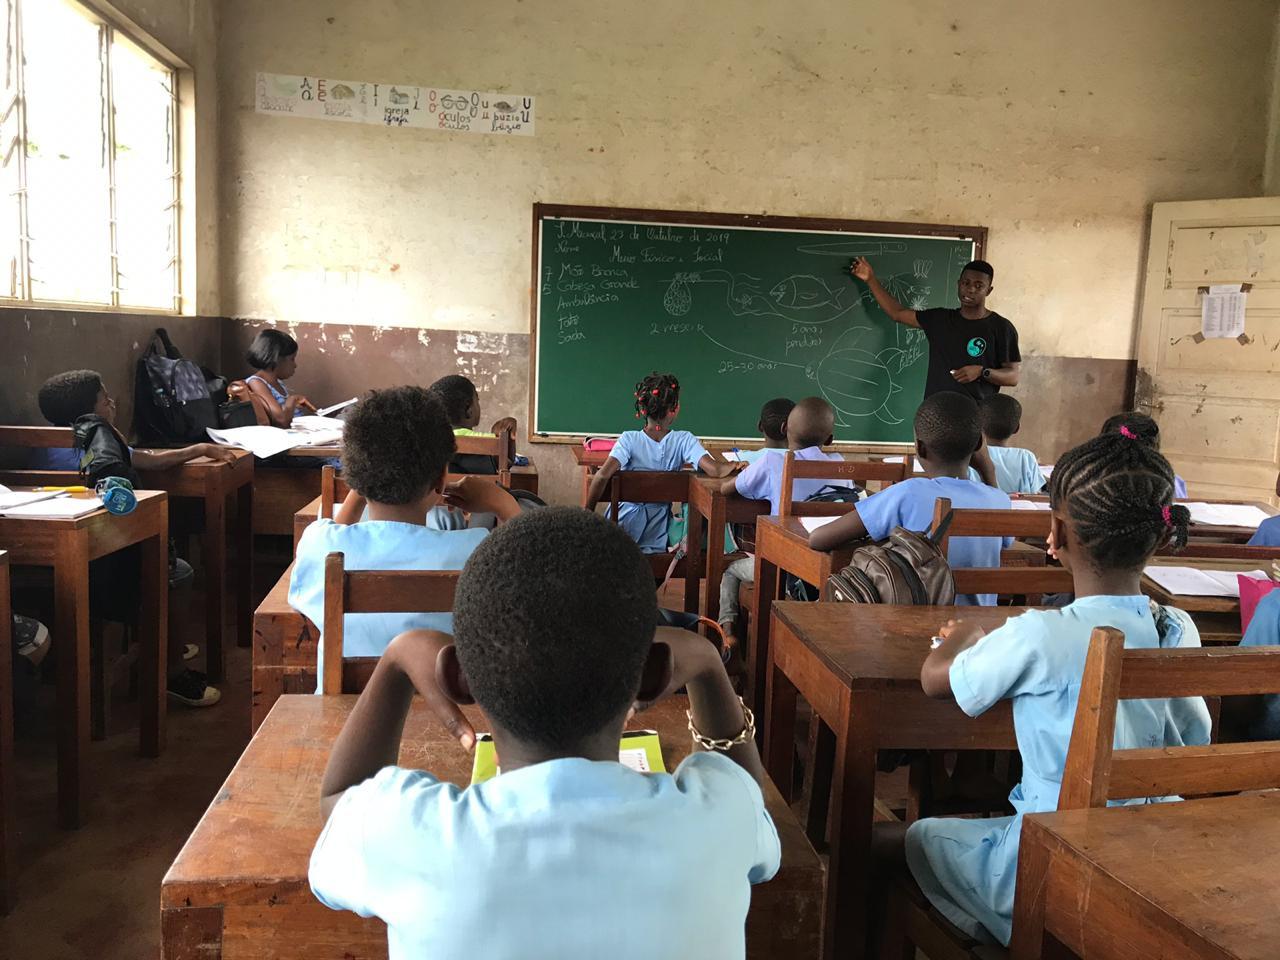 Atividade de sensibilização em escola. © Antunes Pina